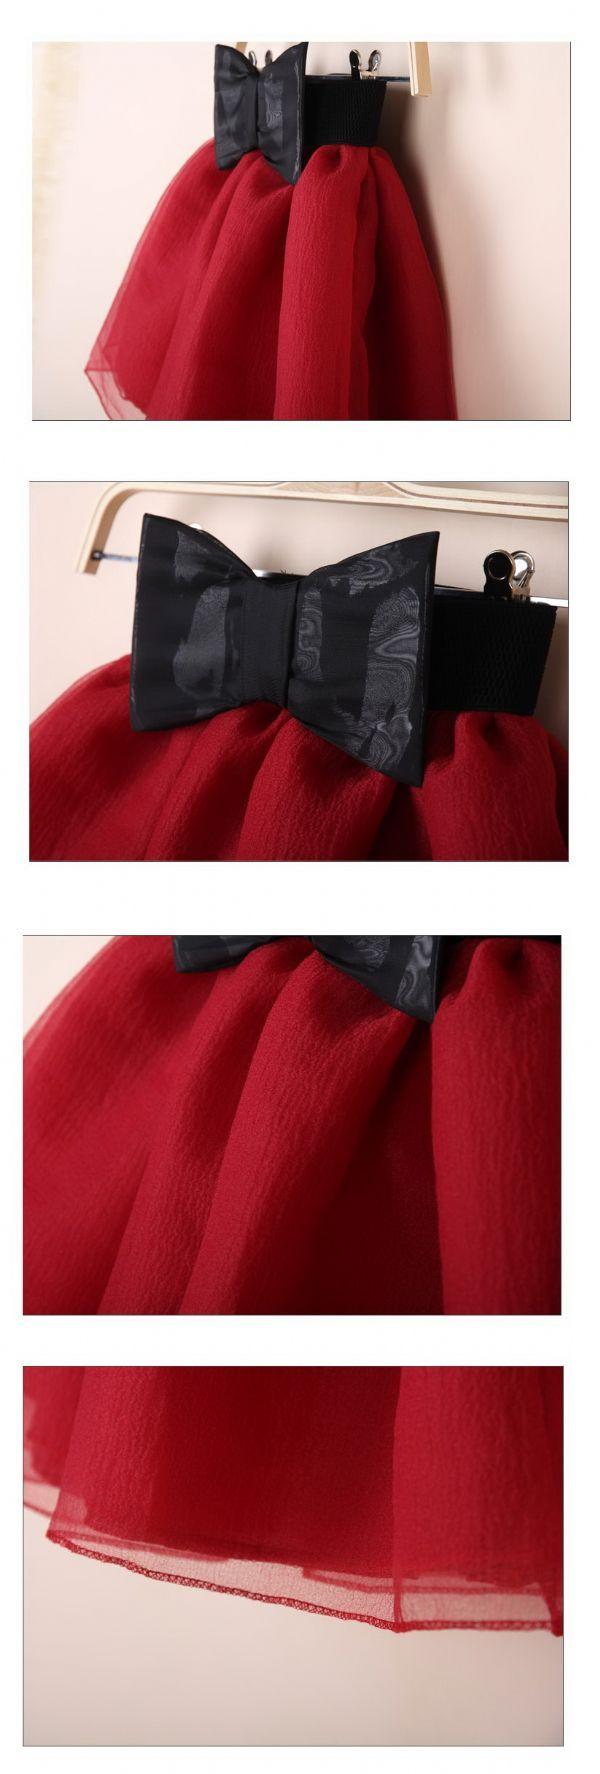 เสื้อผ้าแฟชั่นพร้อมส่ง : กระโปรงบานทรง princess เข็มขัดโบว์